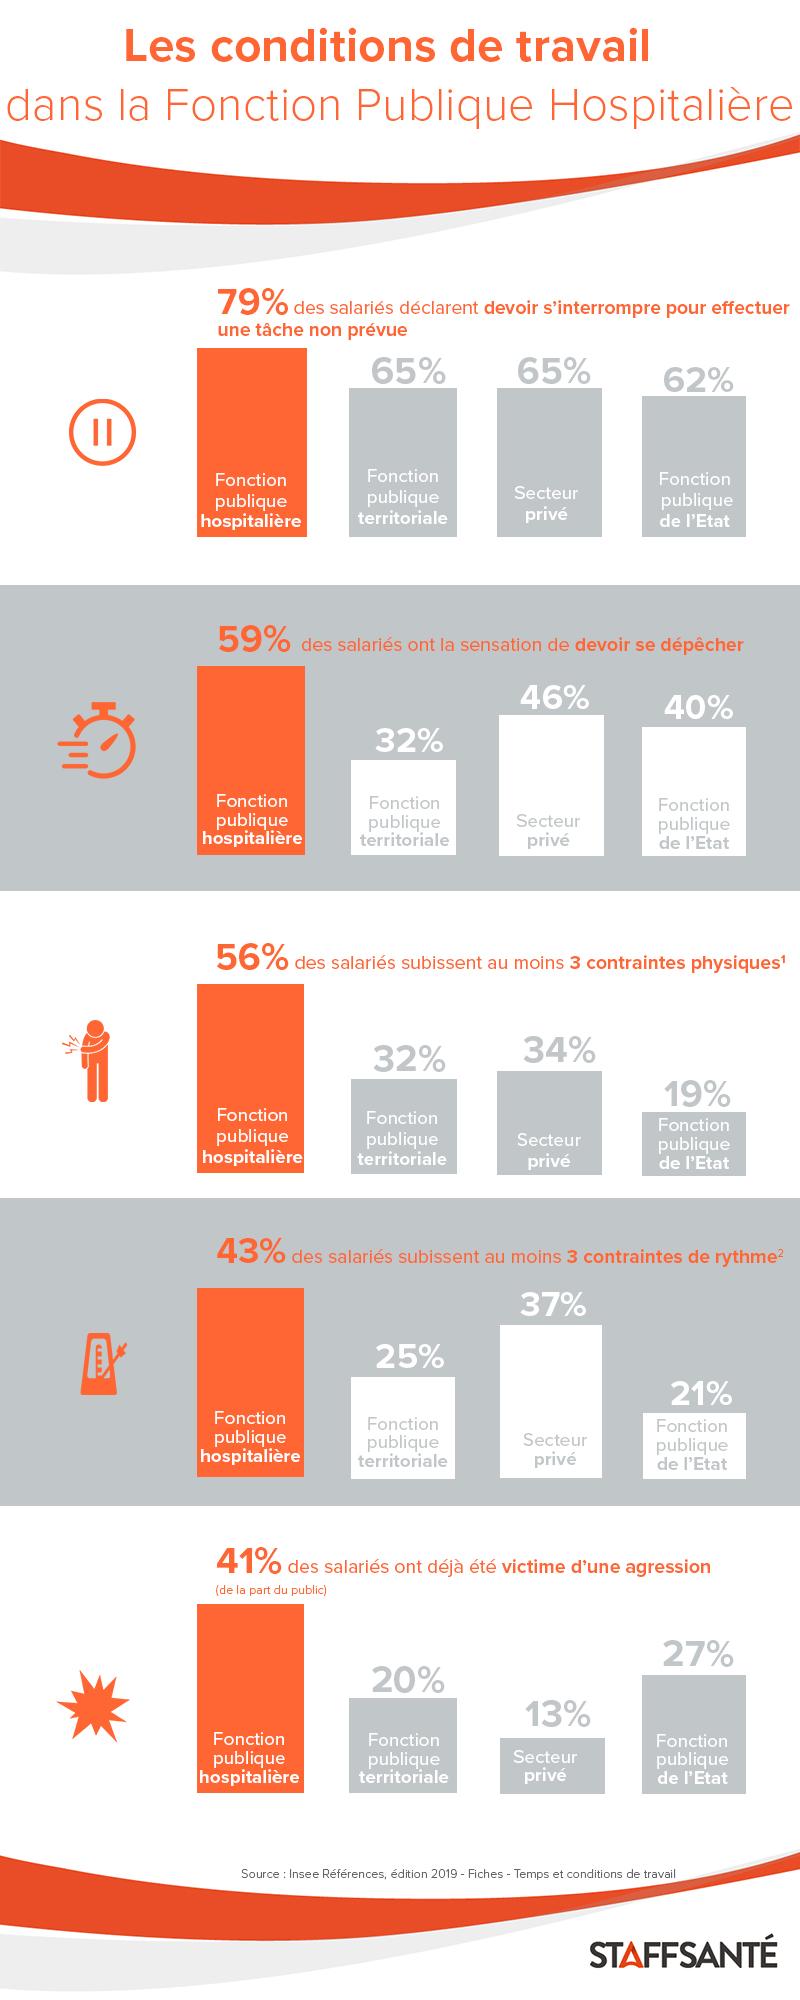 Infographie insee conditions de travail fonction publique hospitaliere